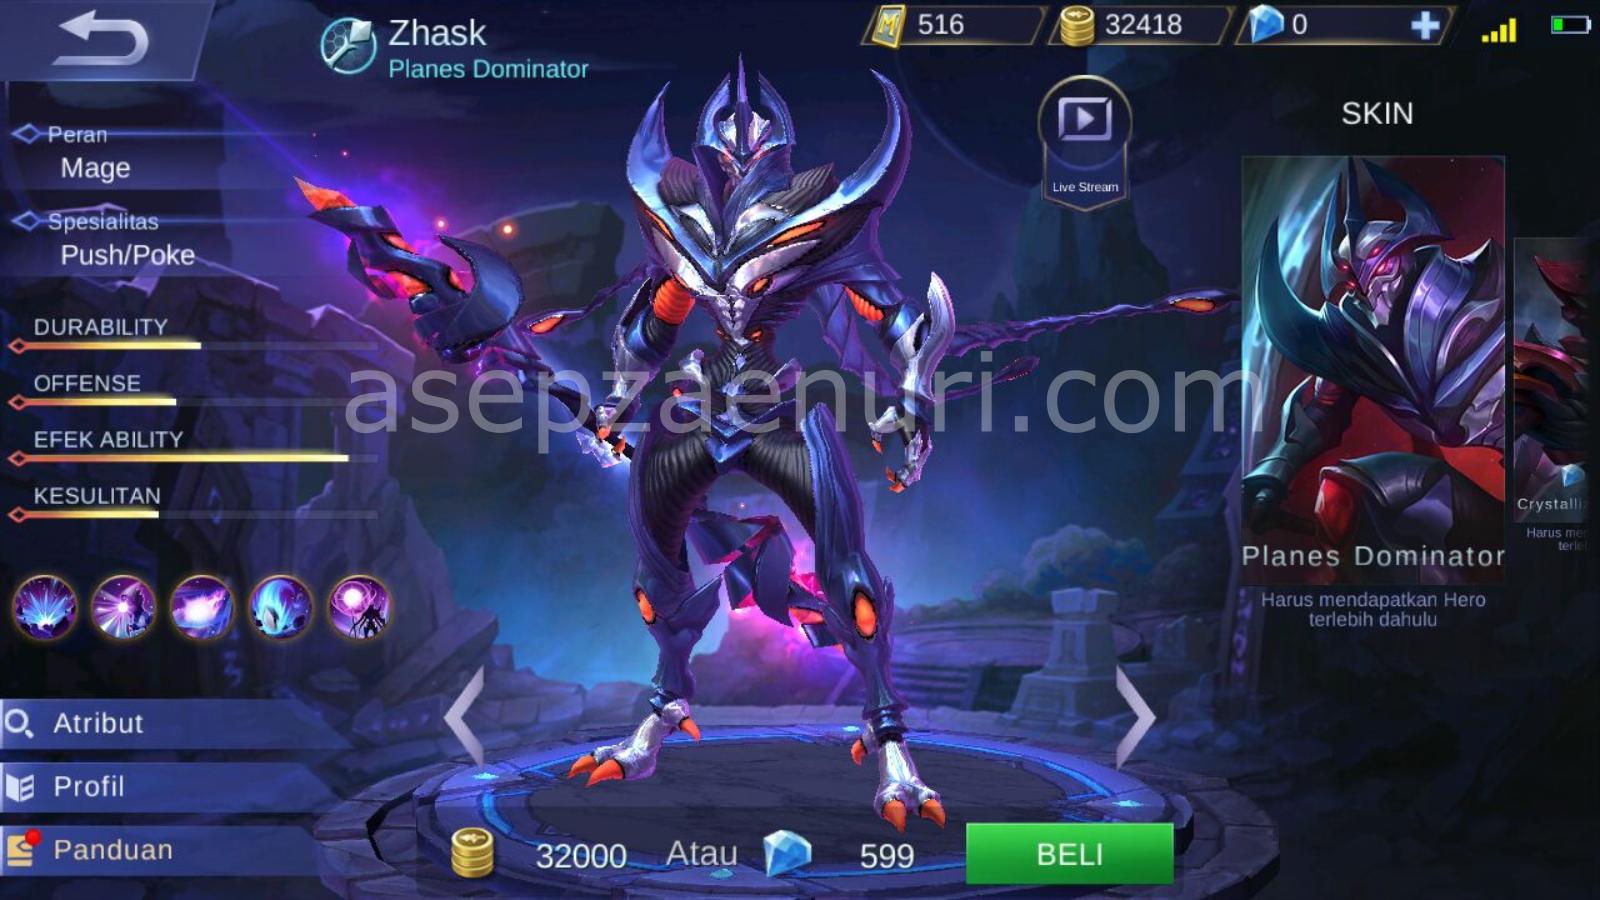 Ide Terpopuler 38 Gambar Hero Mobile Legend Zhask